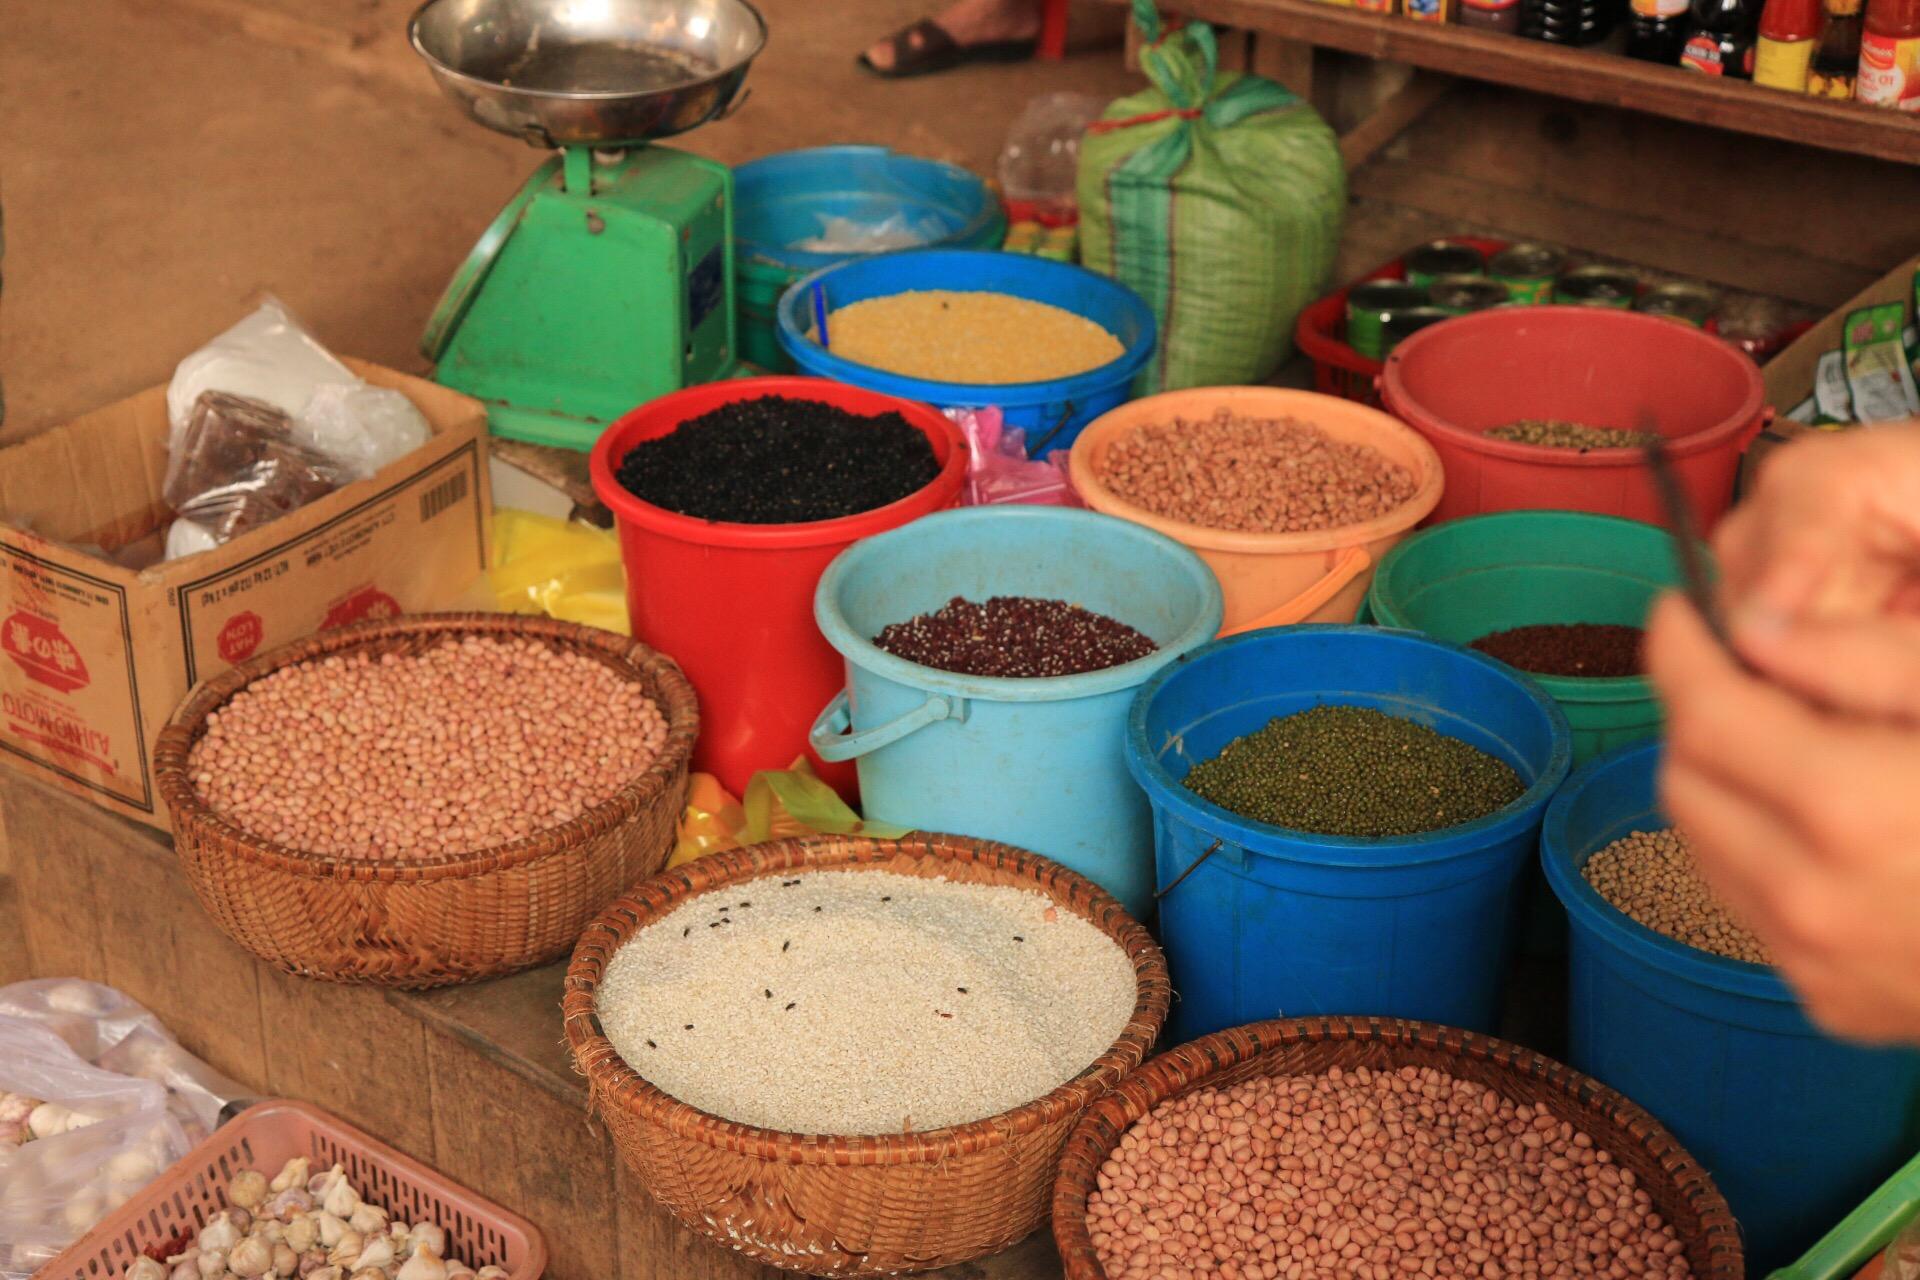 Hülsenfrüchte und Körner in allen Farben und Größen.